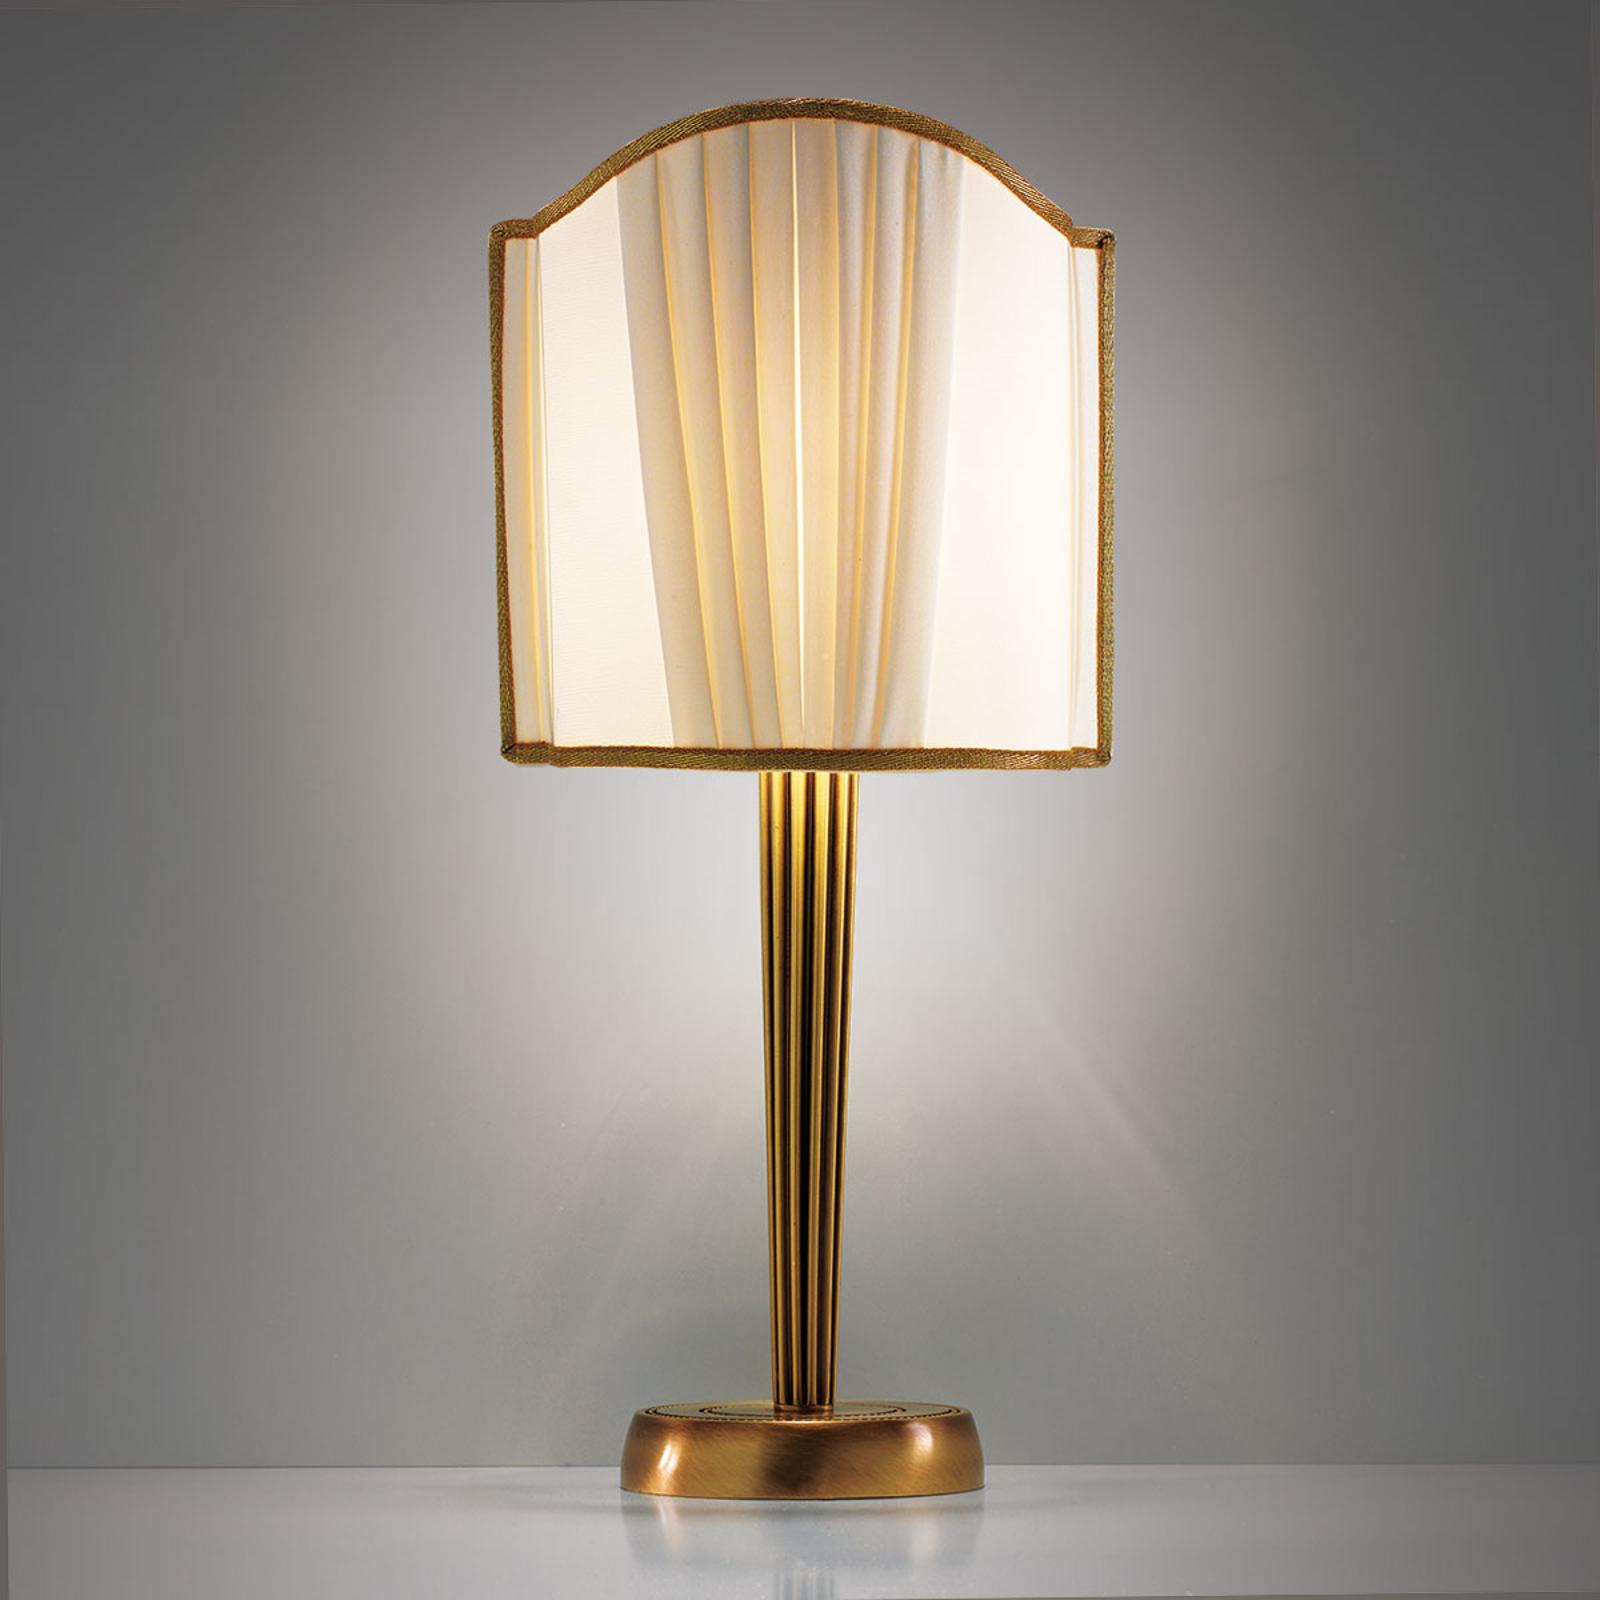 Stolná lampa Belle Epoque, 20cm vysoká_2008188_1